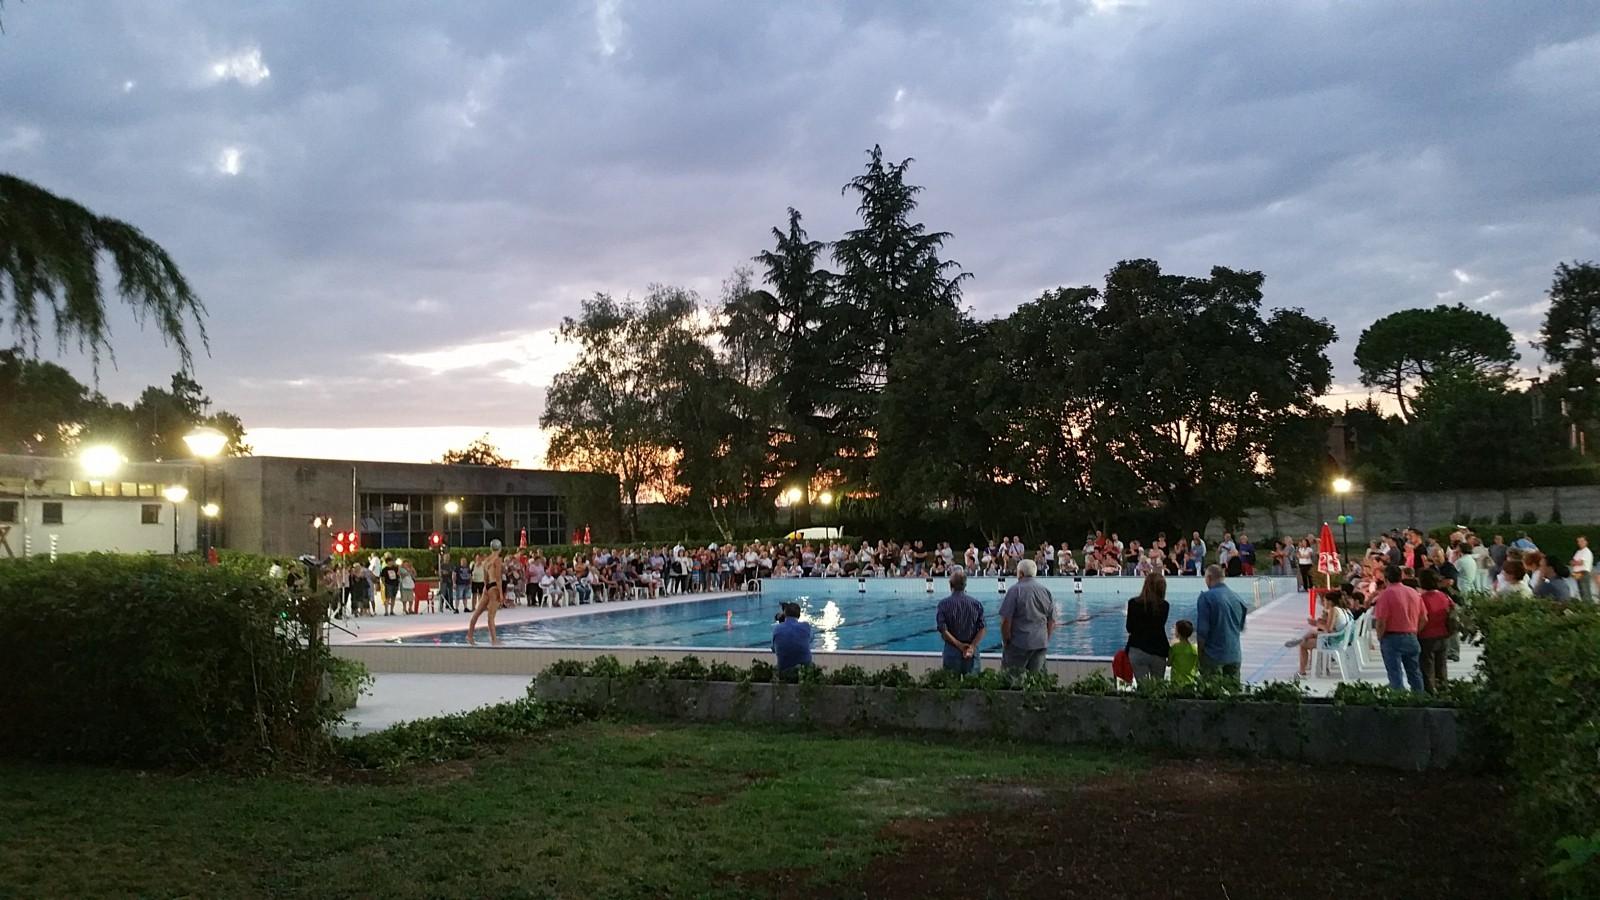 La piscina di garbagnate milanese completata sempione news - Piscina di legnano ...